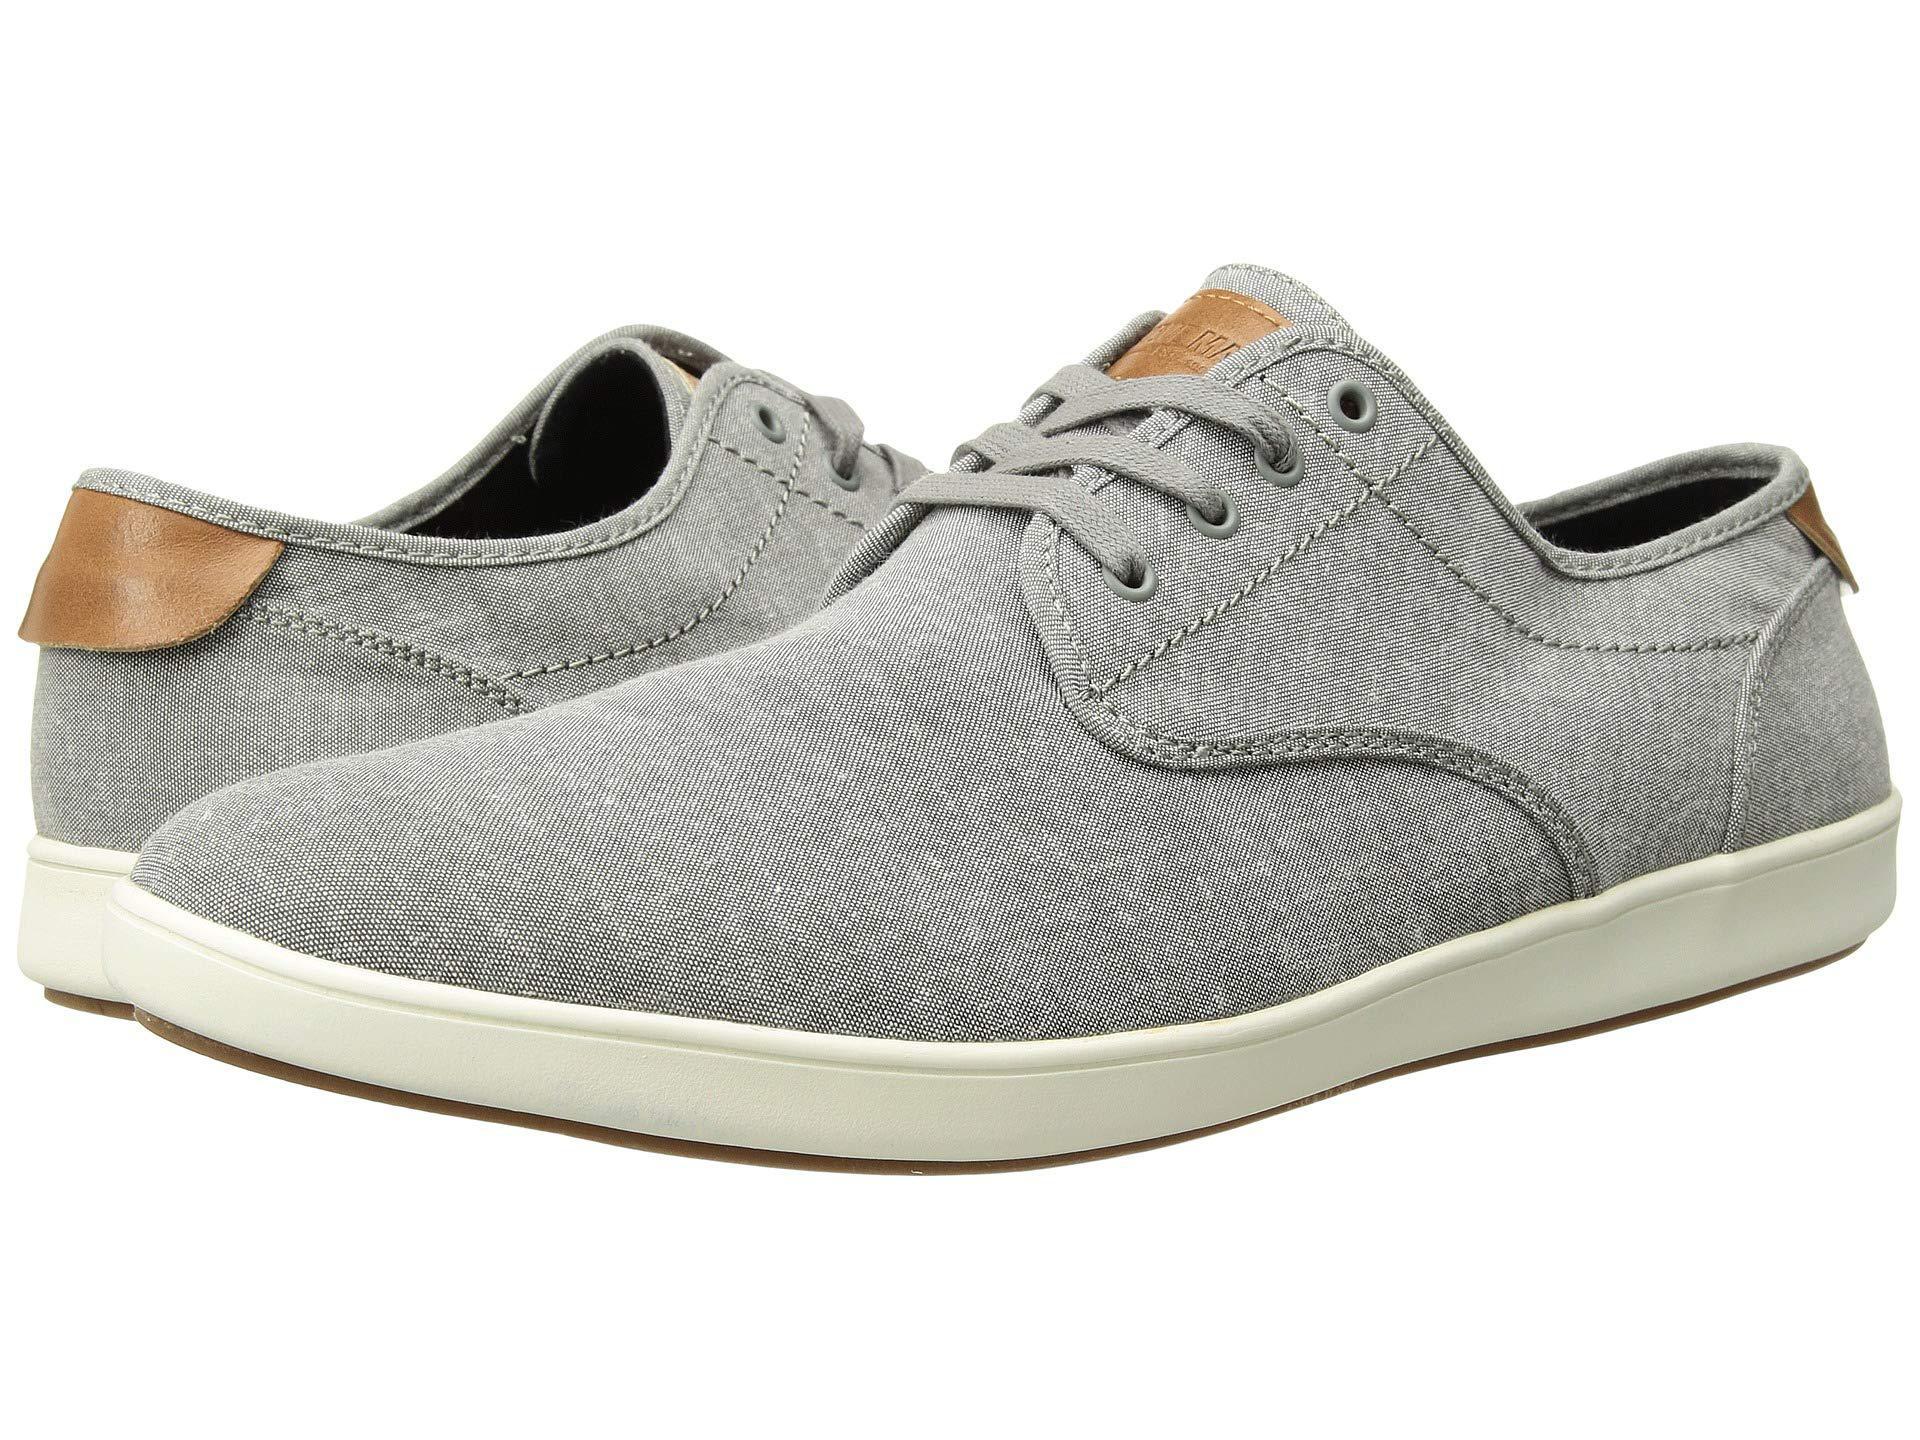 Steve Madden Lace Fenta Fashion Sneaker